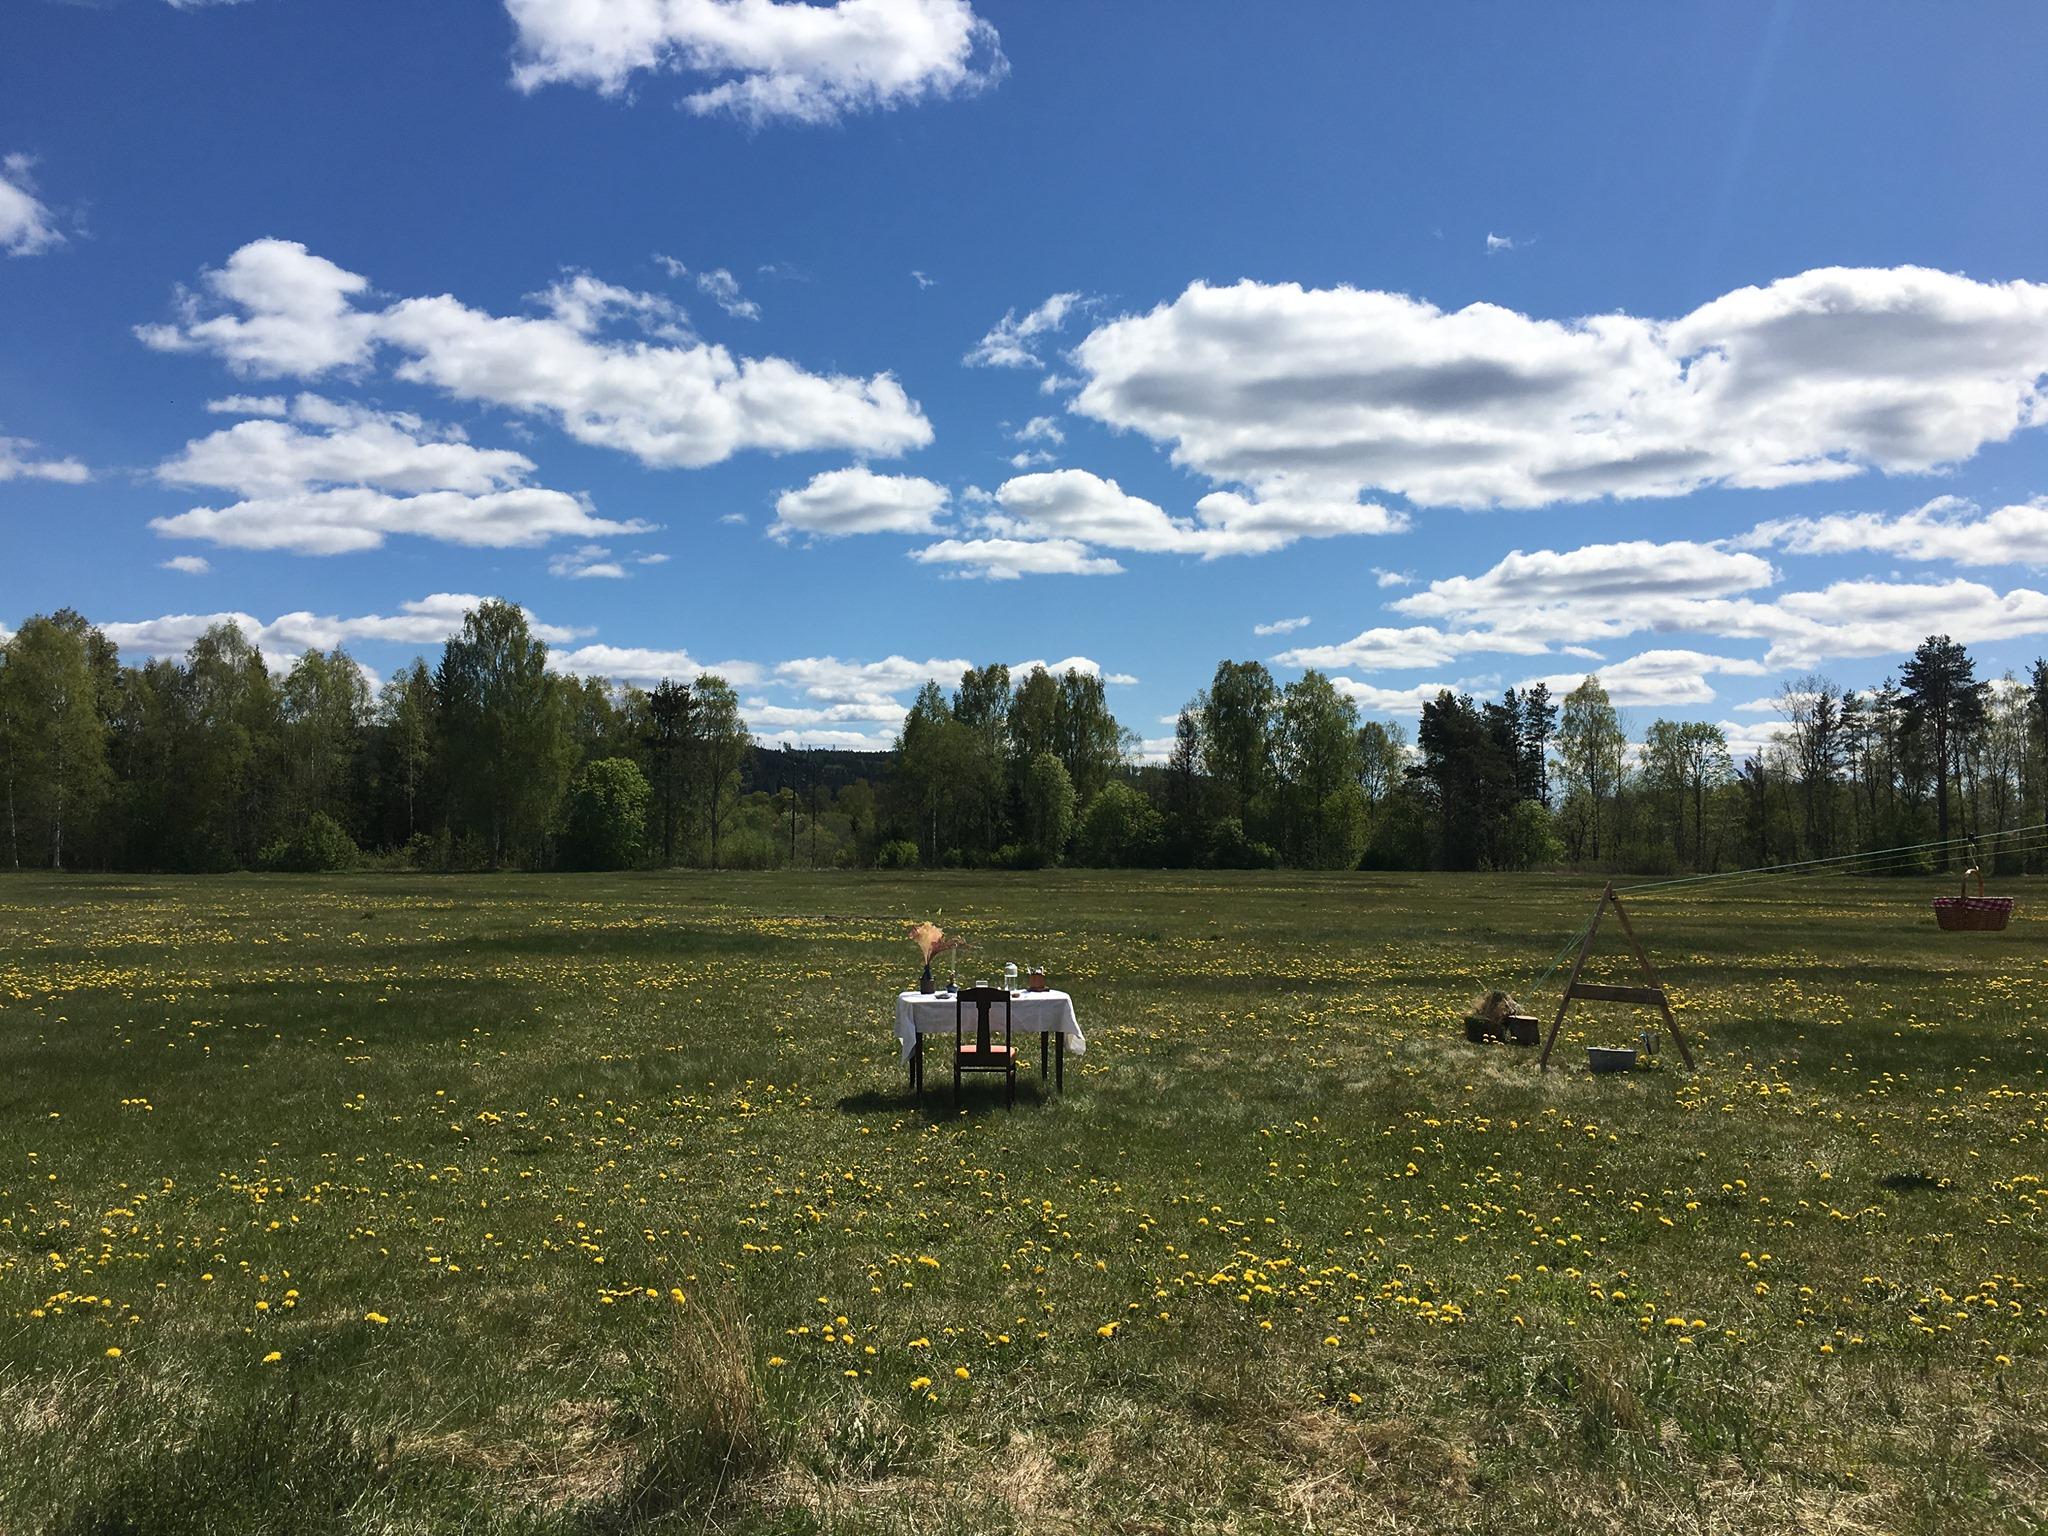 Φαίνεται πως ο αγρός είχε ακόμη το πράσινο της άνοιξης στο «τραπέζι για έναν» στη Σουηδία